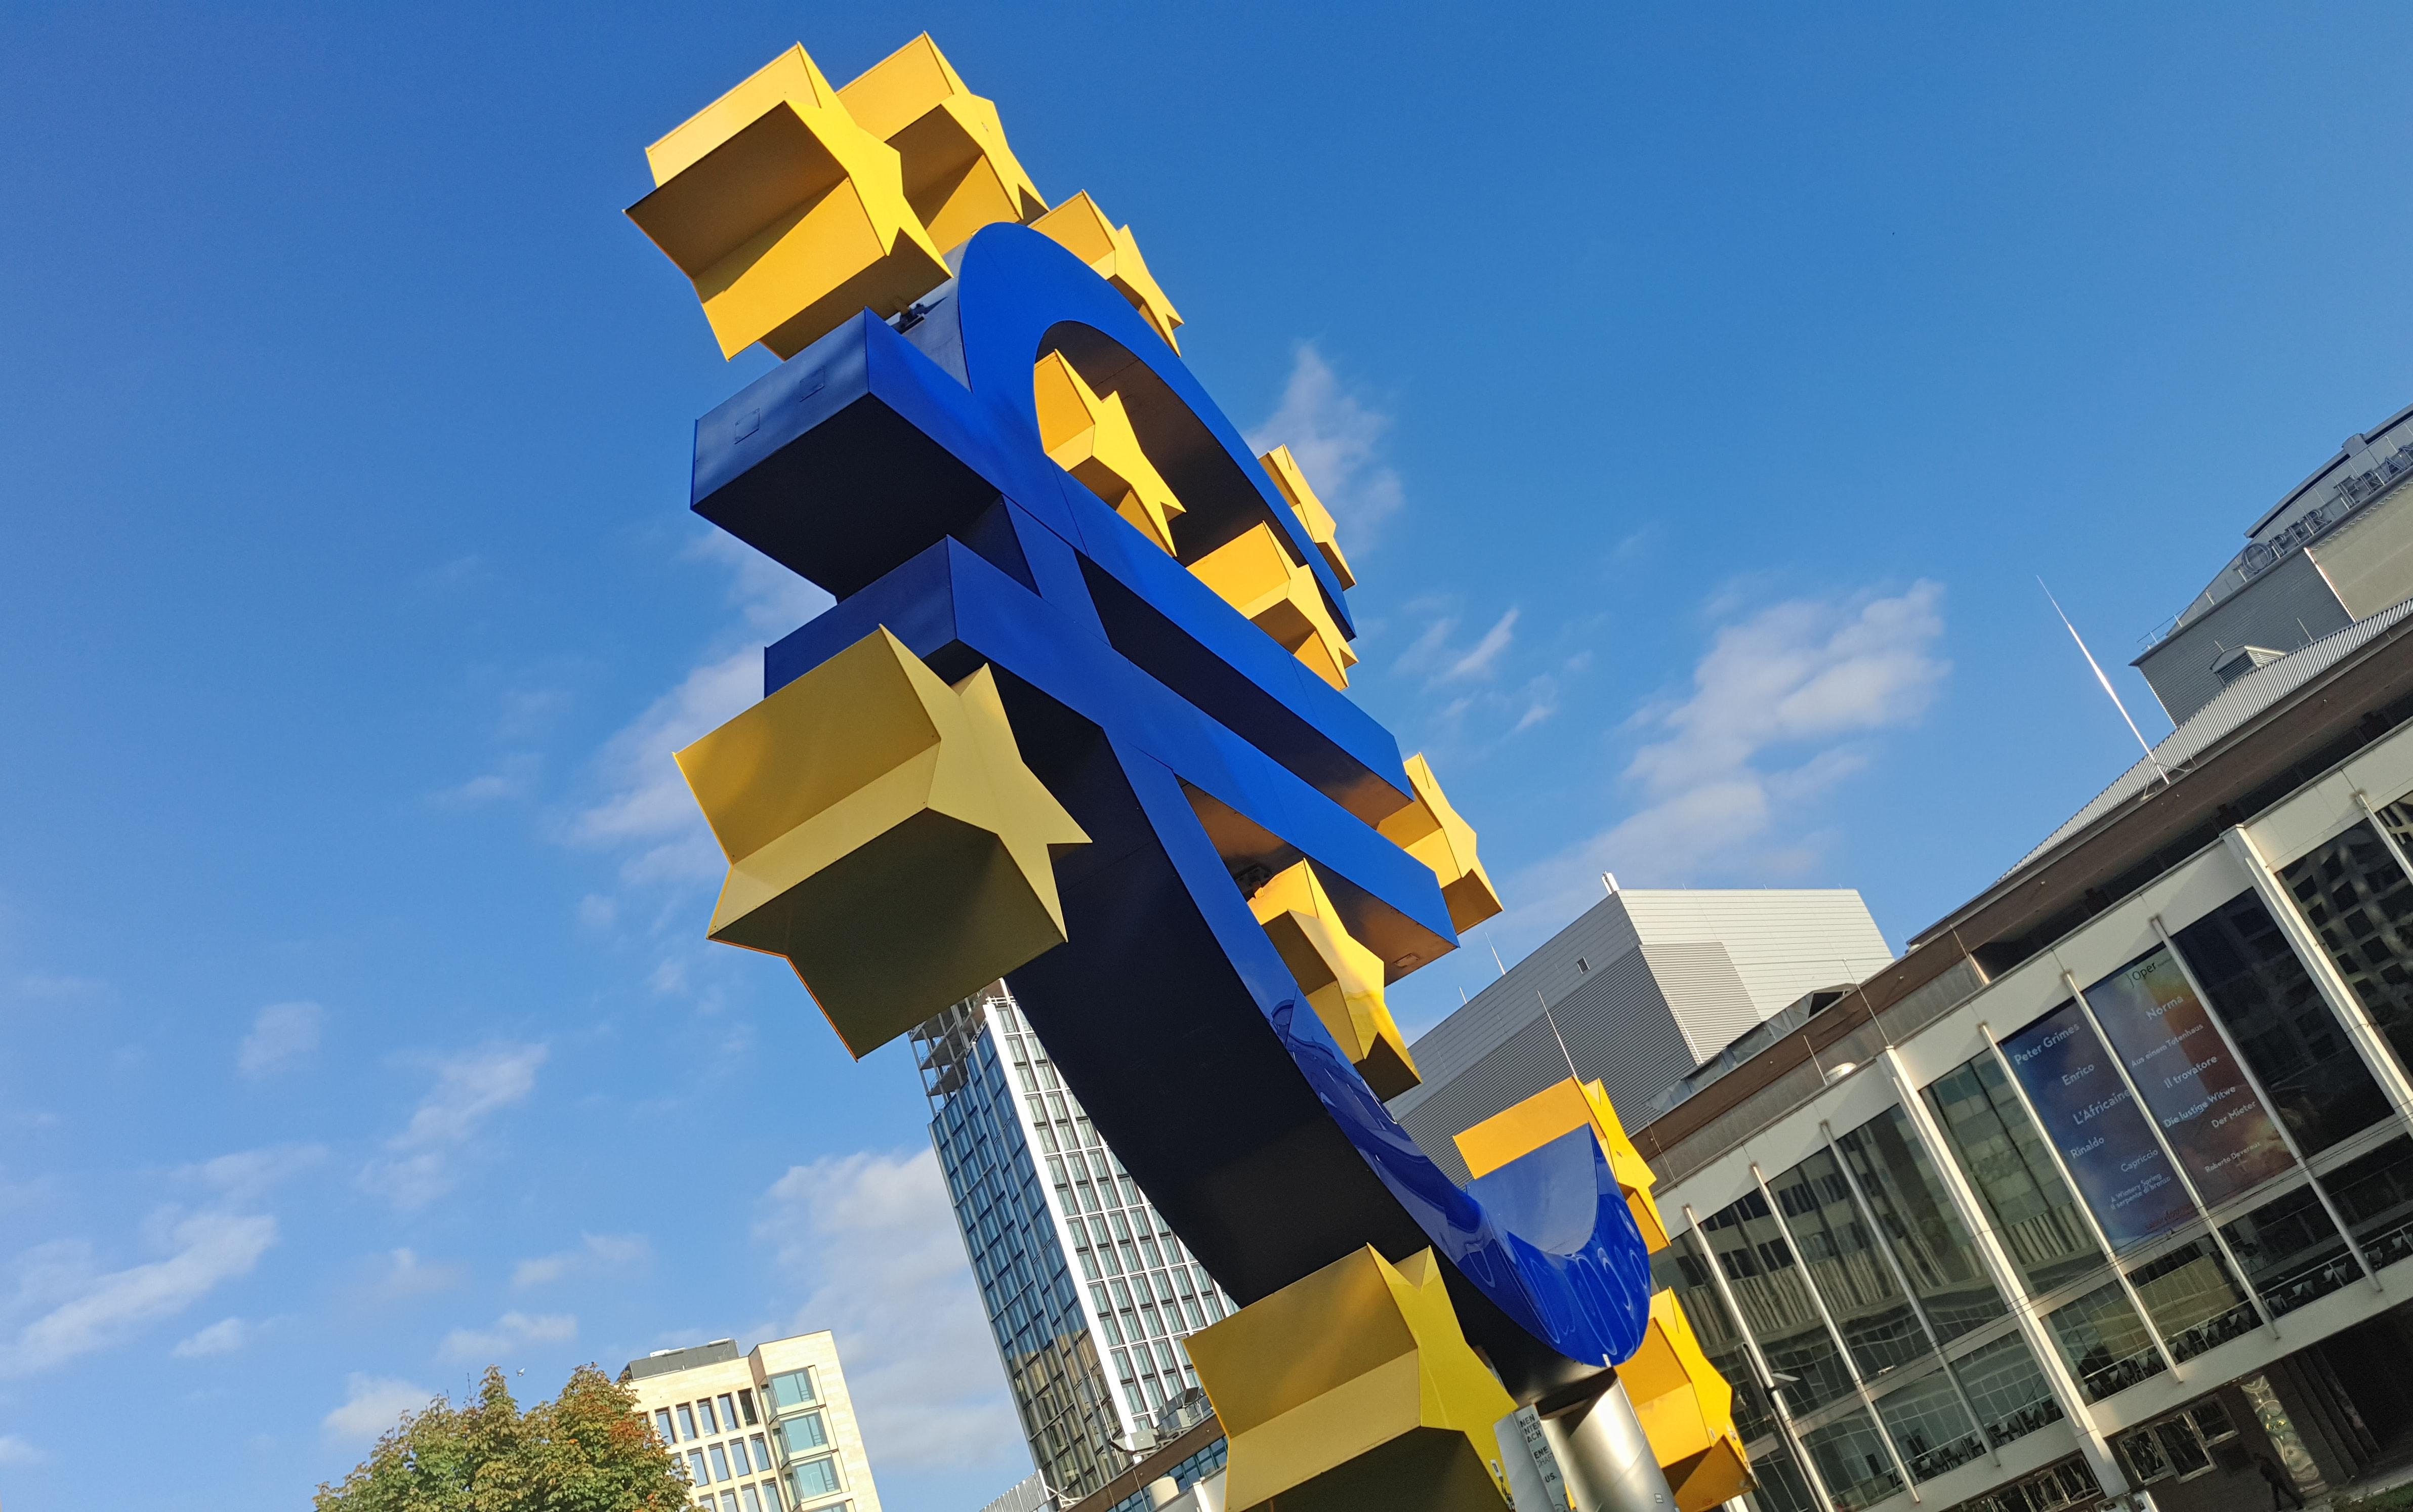 Análisis de cómo afrontan la crisis las principales economías europeas